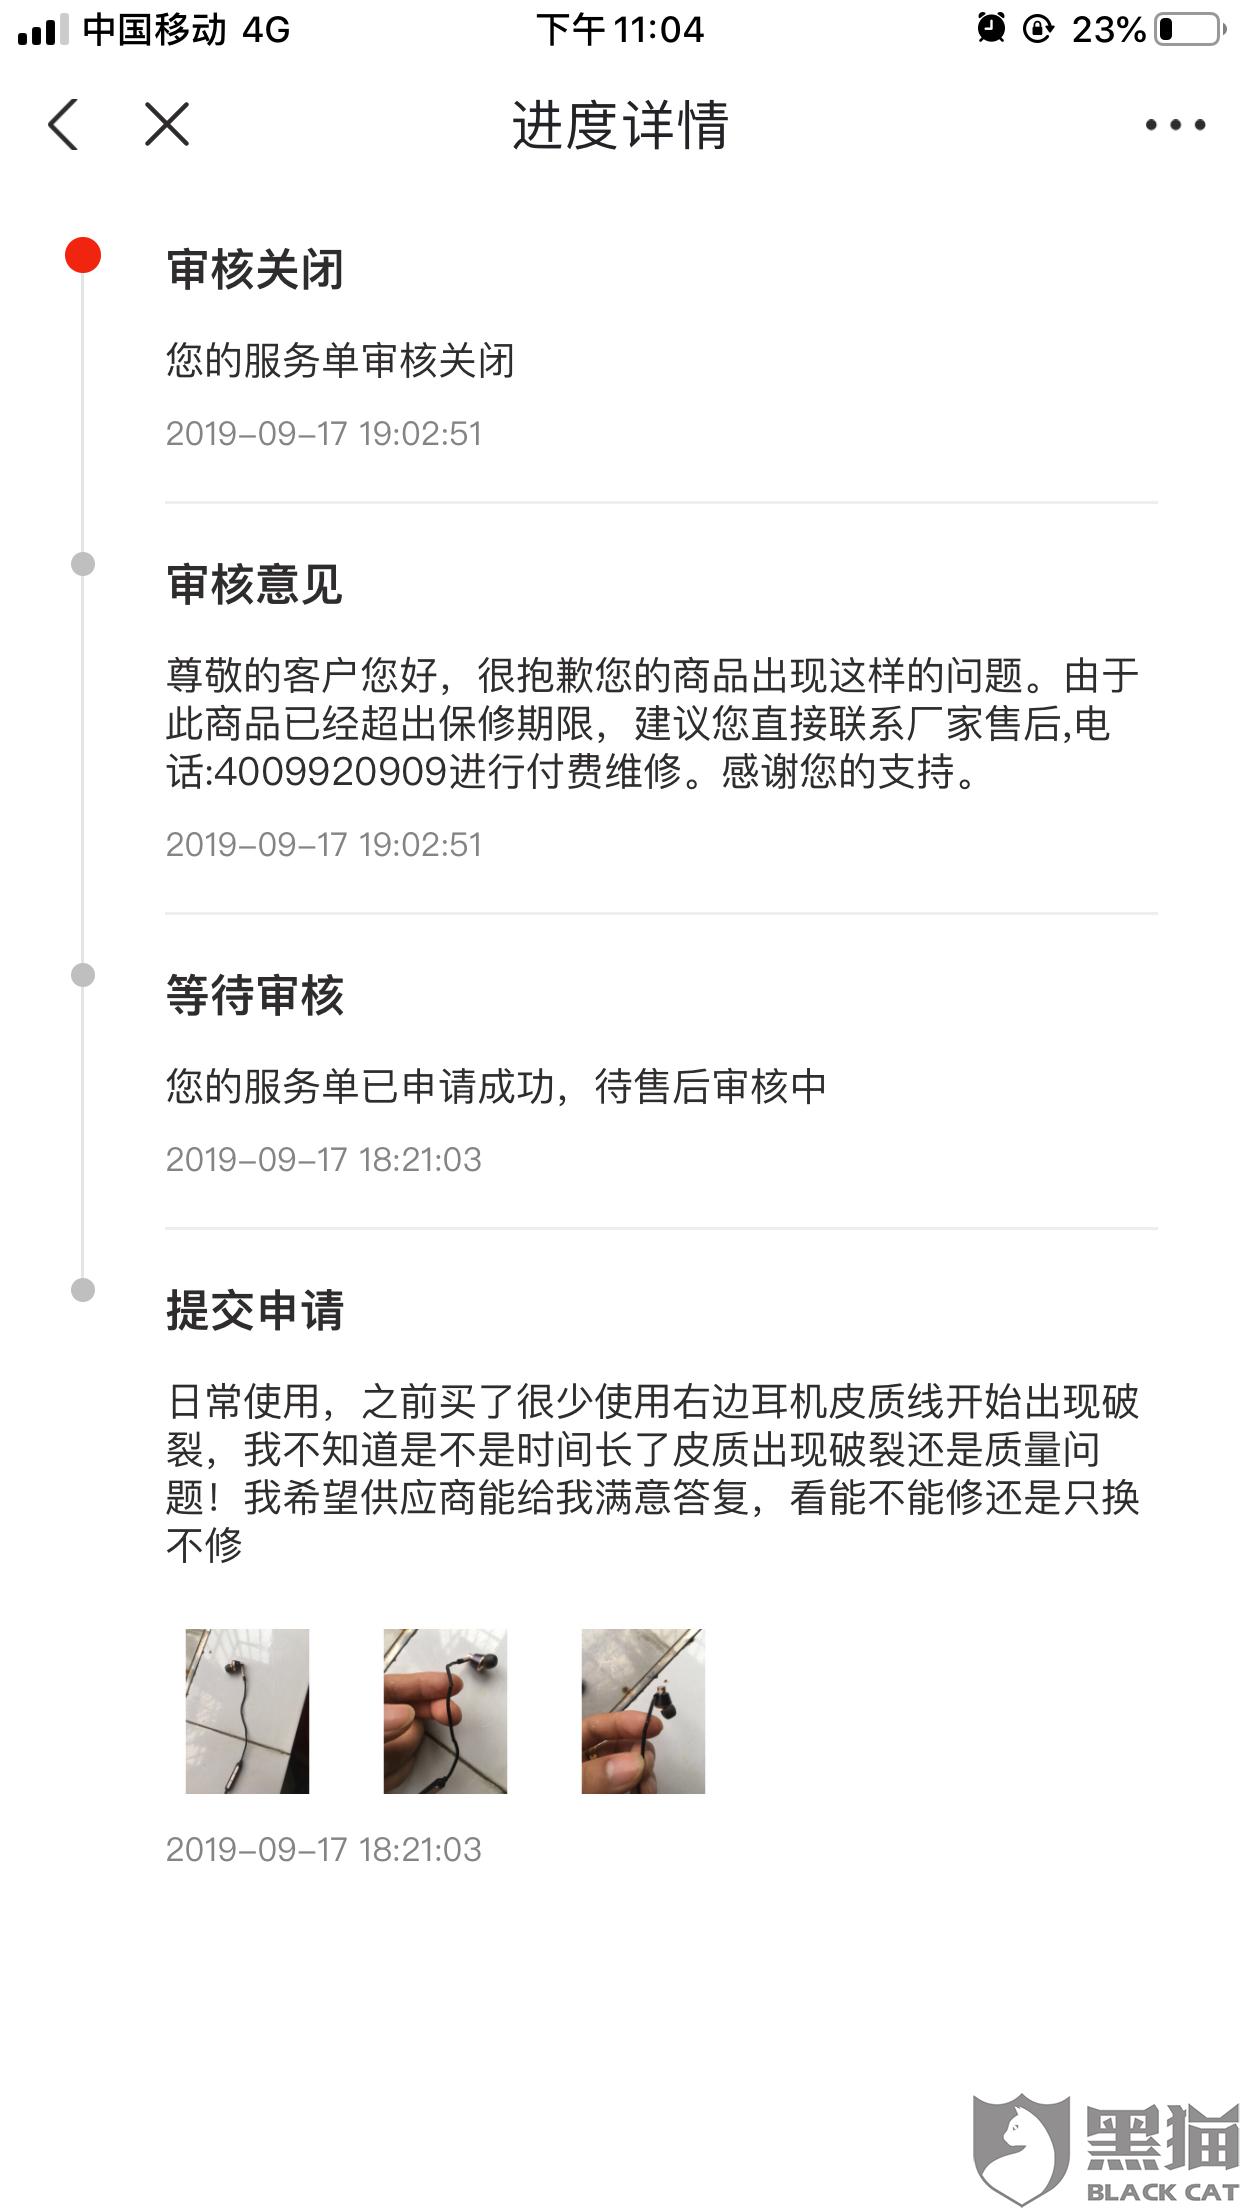 黑猫投诉:万魔1more京东自营旗舰店耳机出现问题不处理